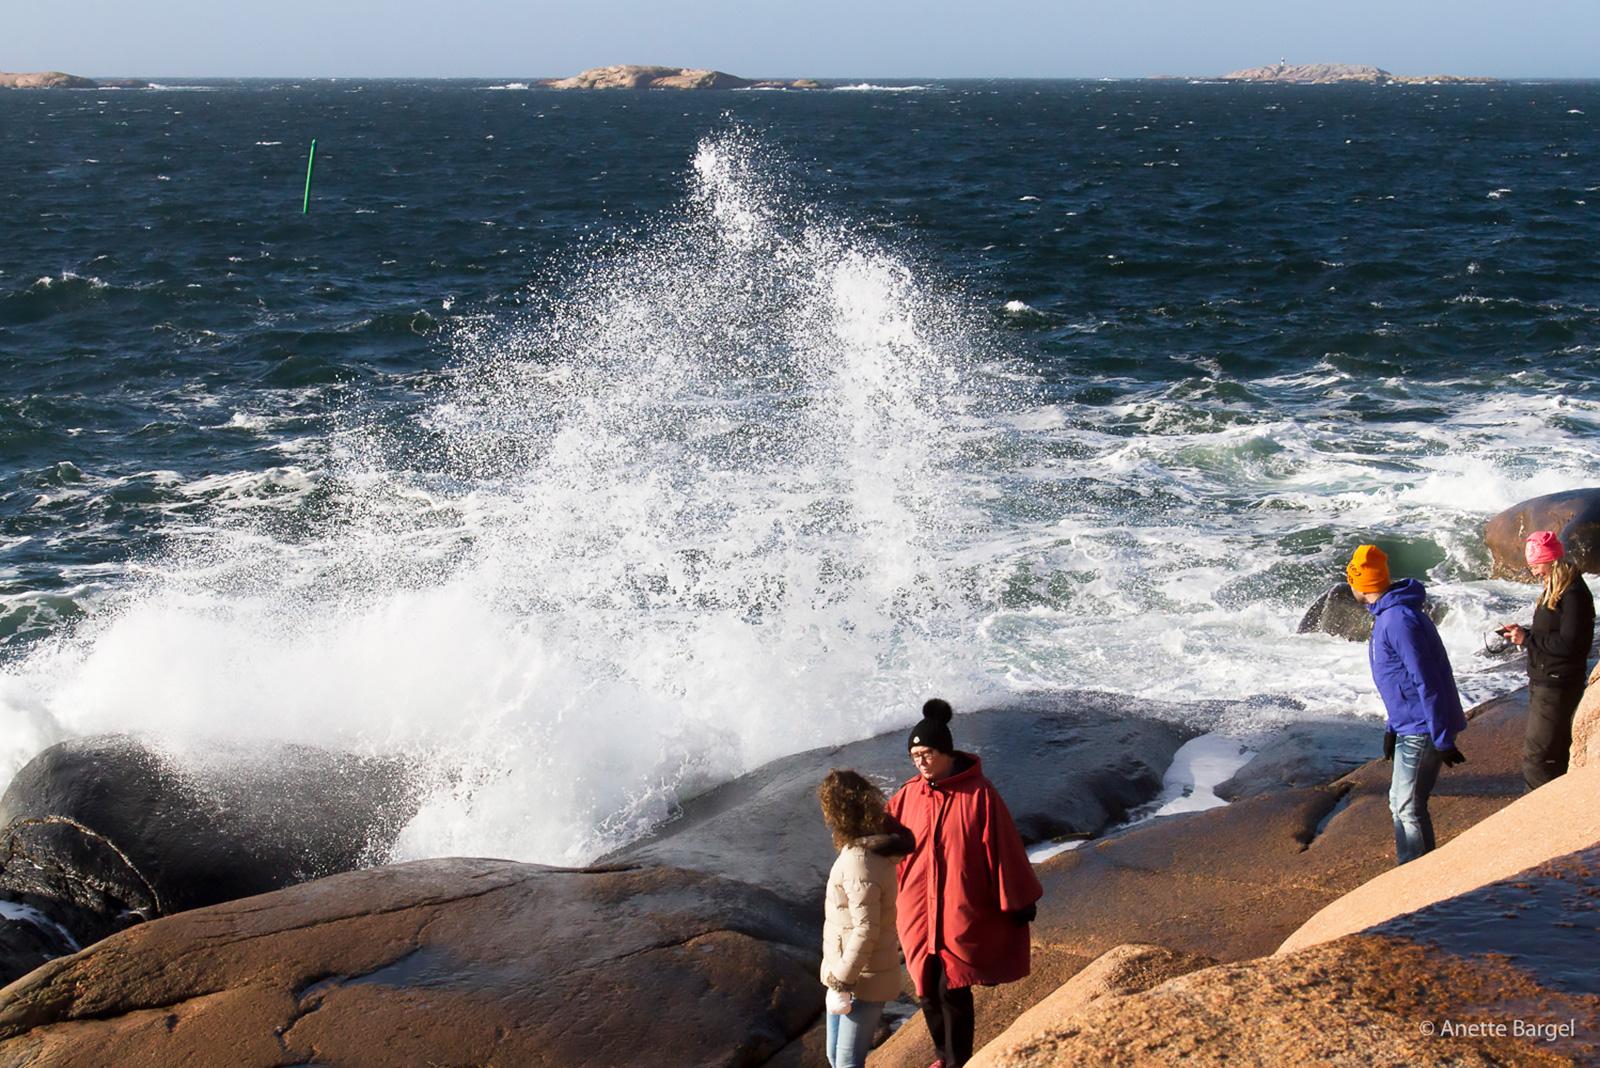 Vandra Vid Havet